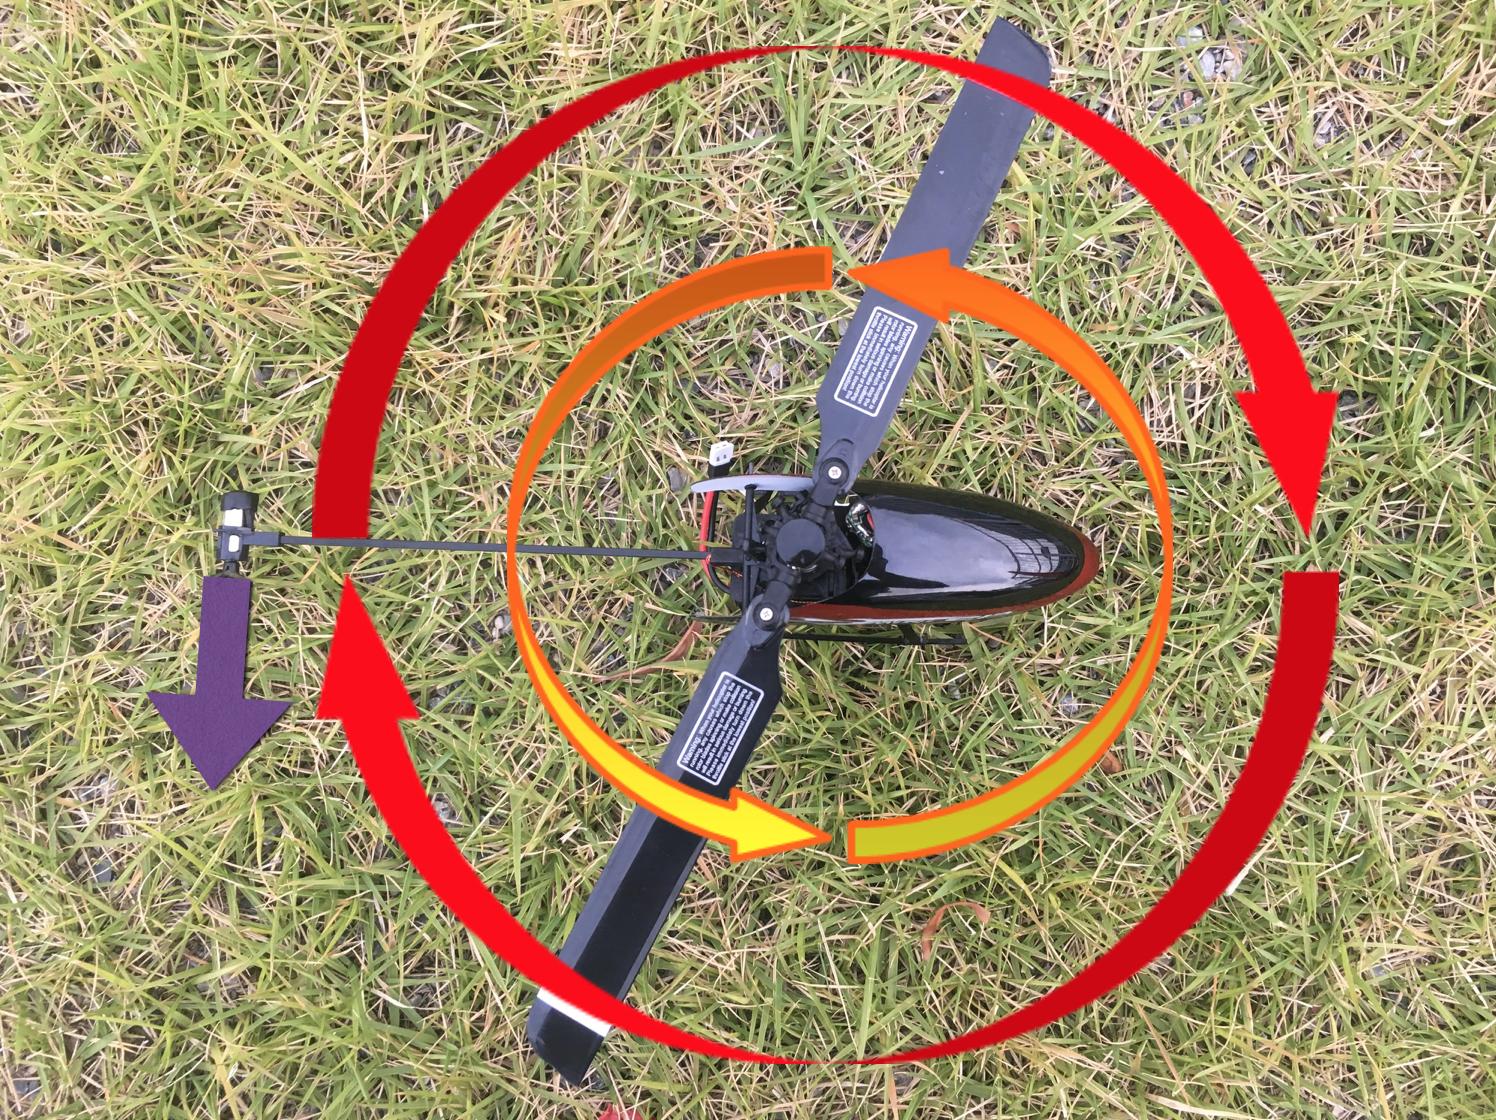 ヘリコプターの飛行原理|なぜ操縦は難しいのか?